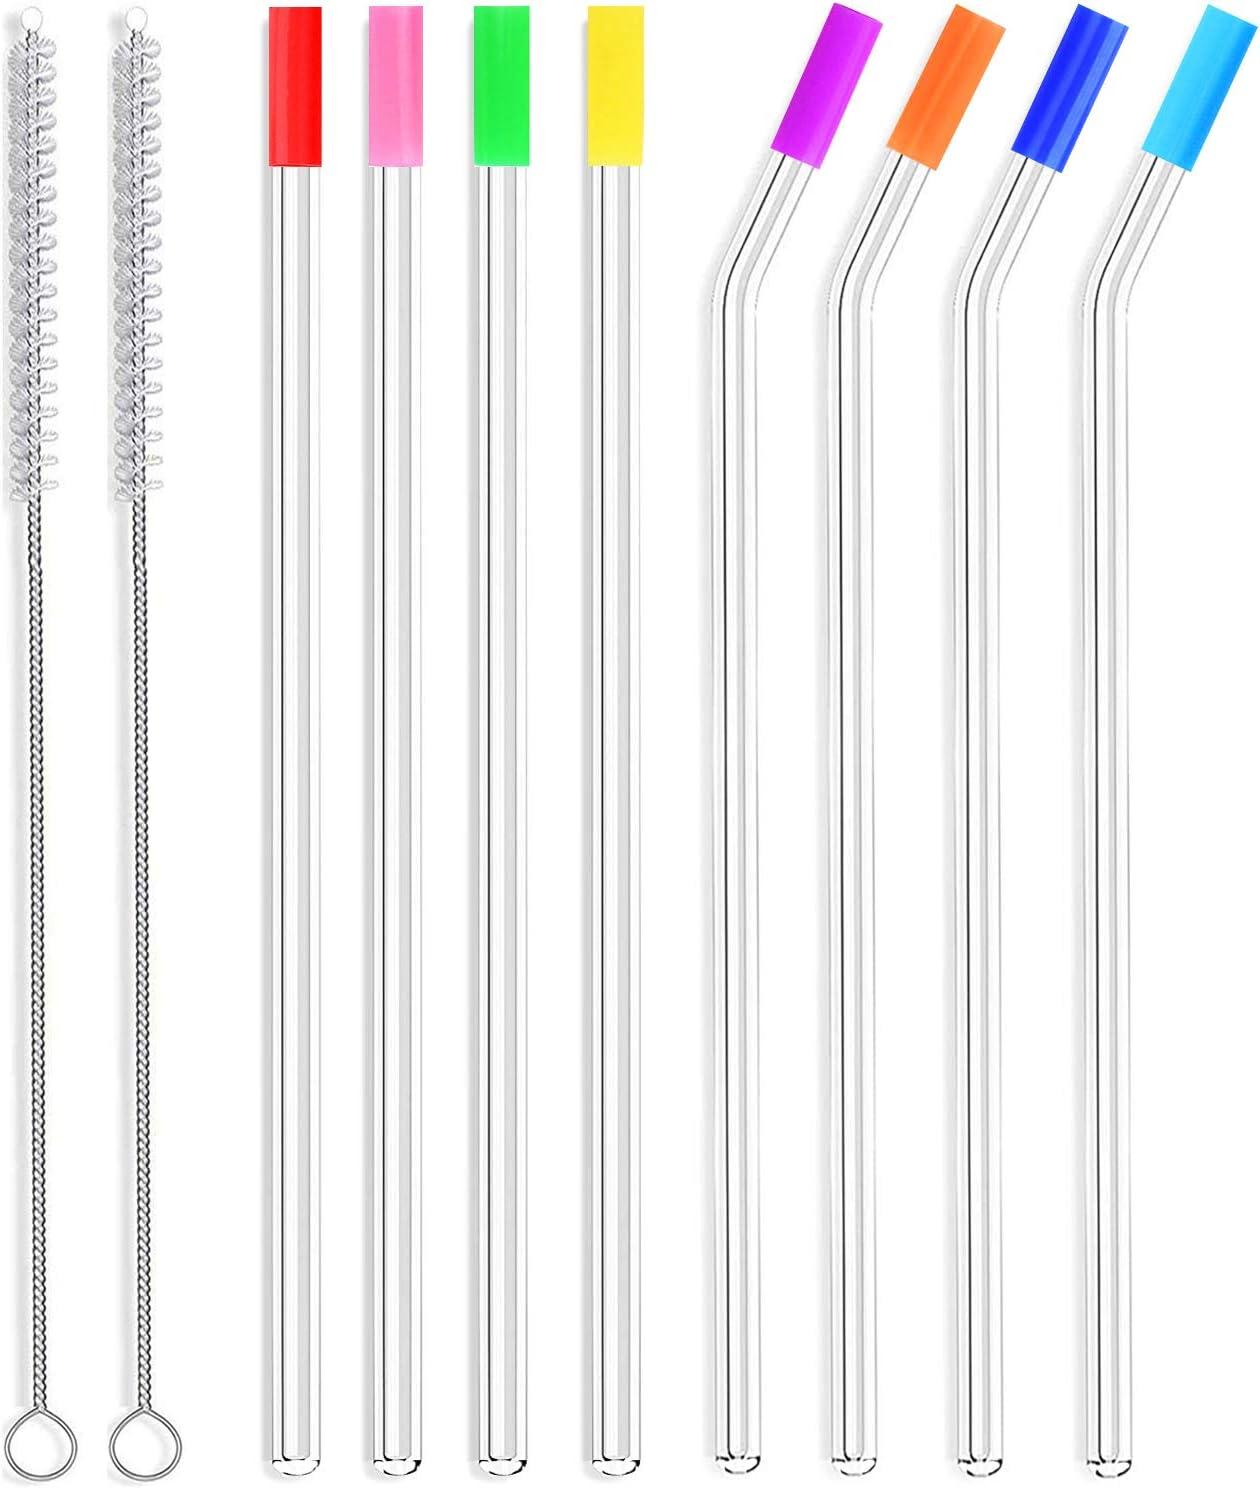 ALINK Skinny Clear Glass Straws, 10.5